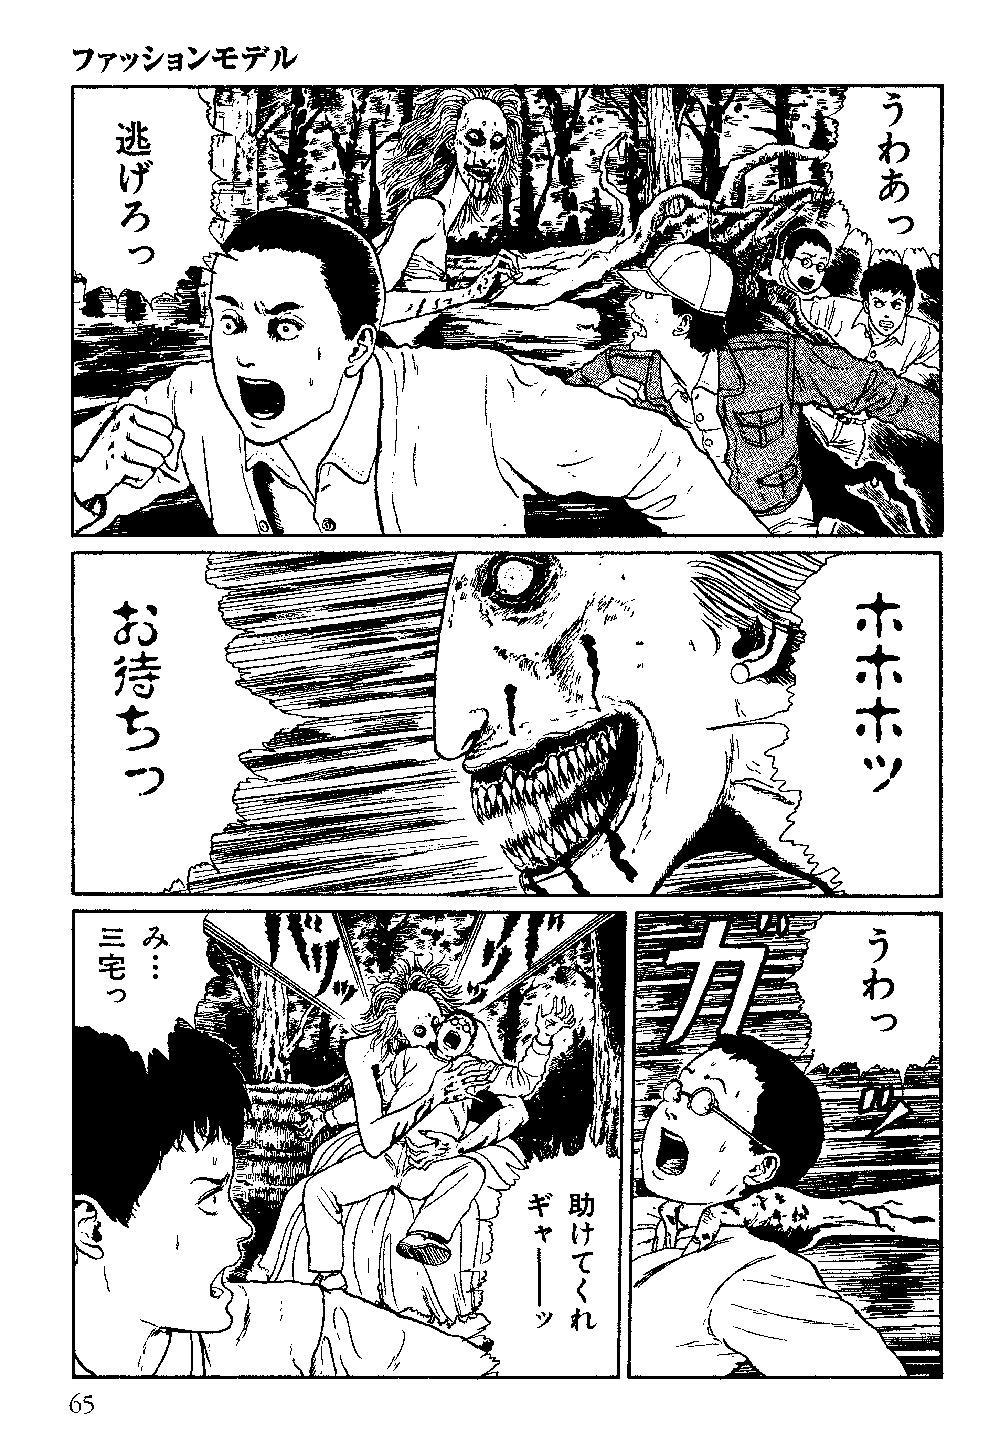 itouj_0006_0067.jpg